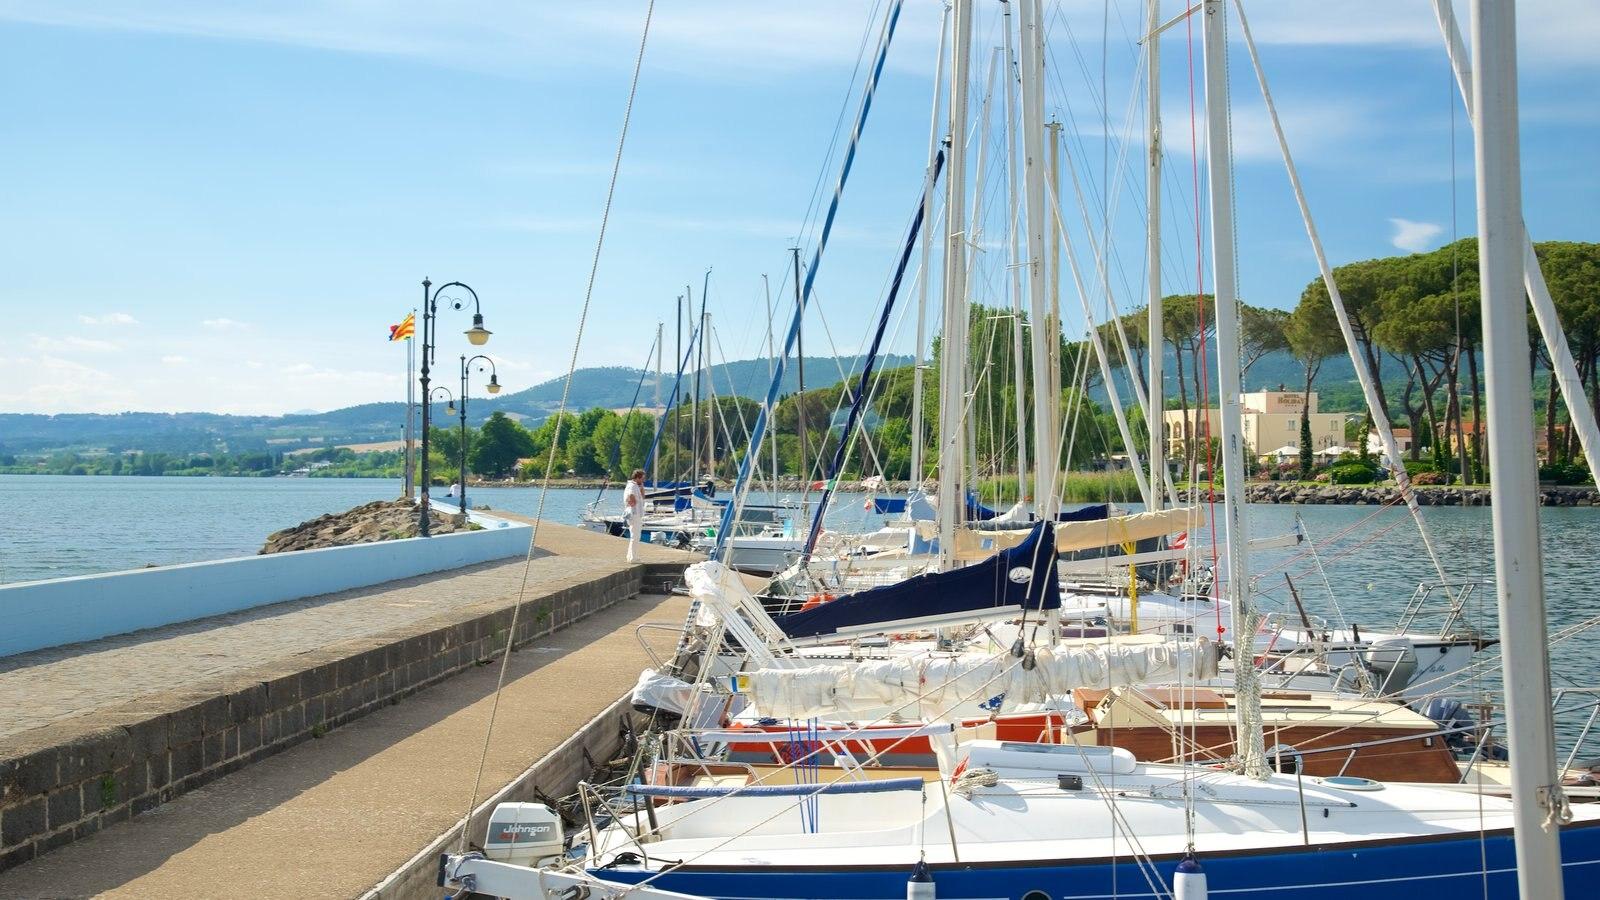 Lake Bolsena showing a bay or harbor